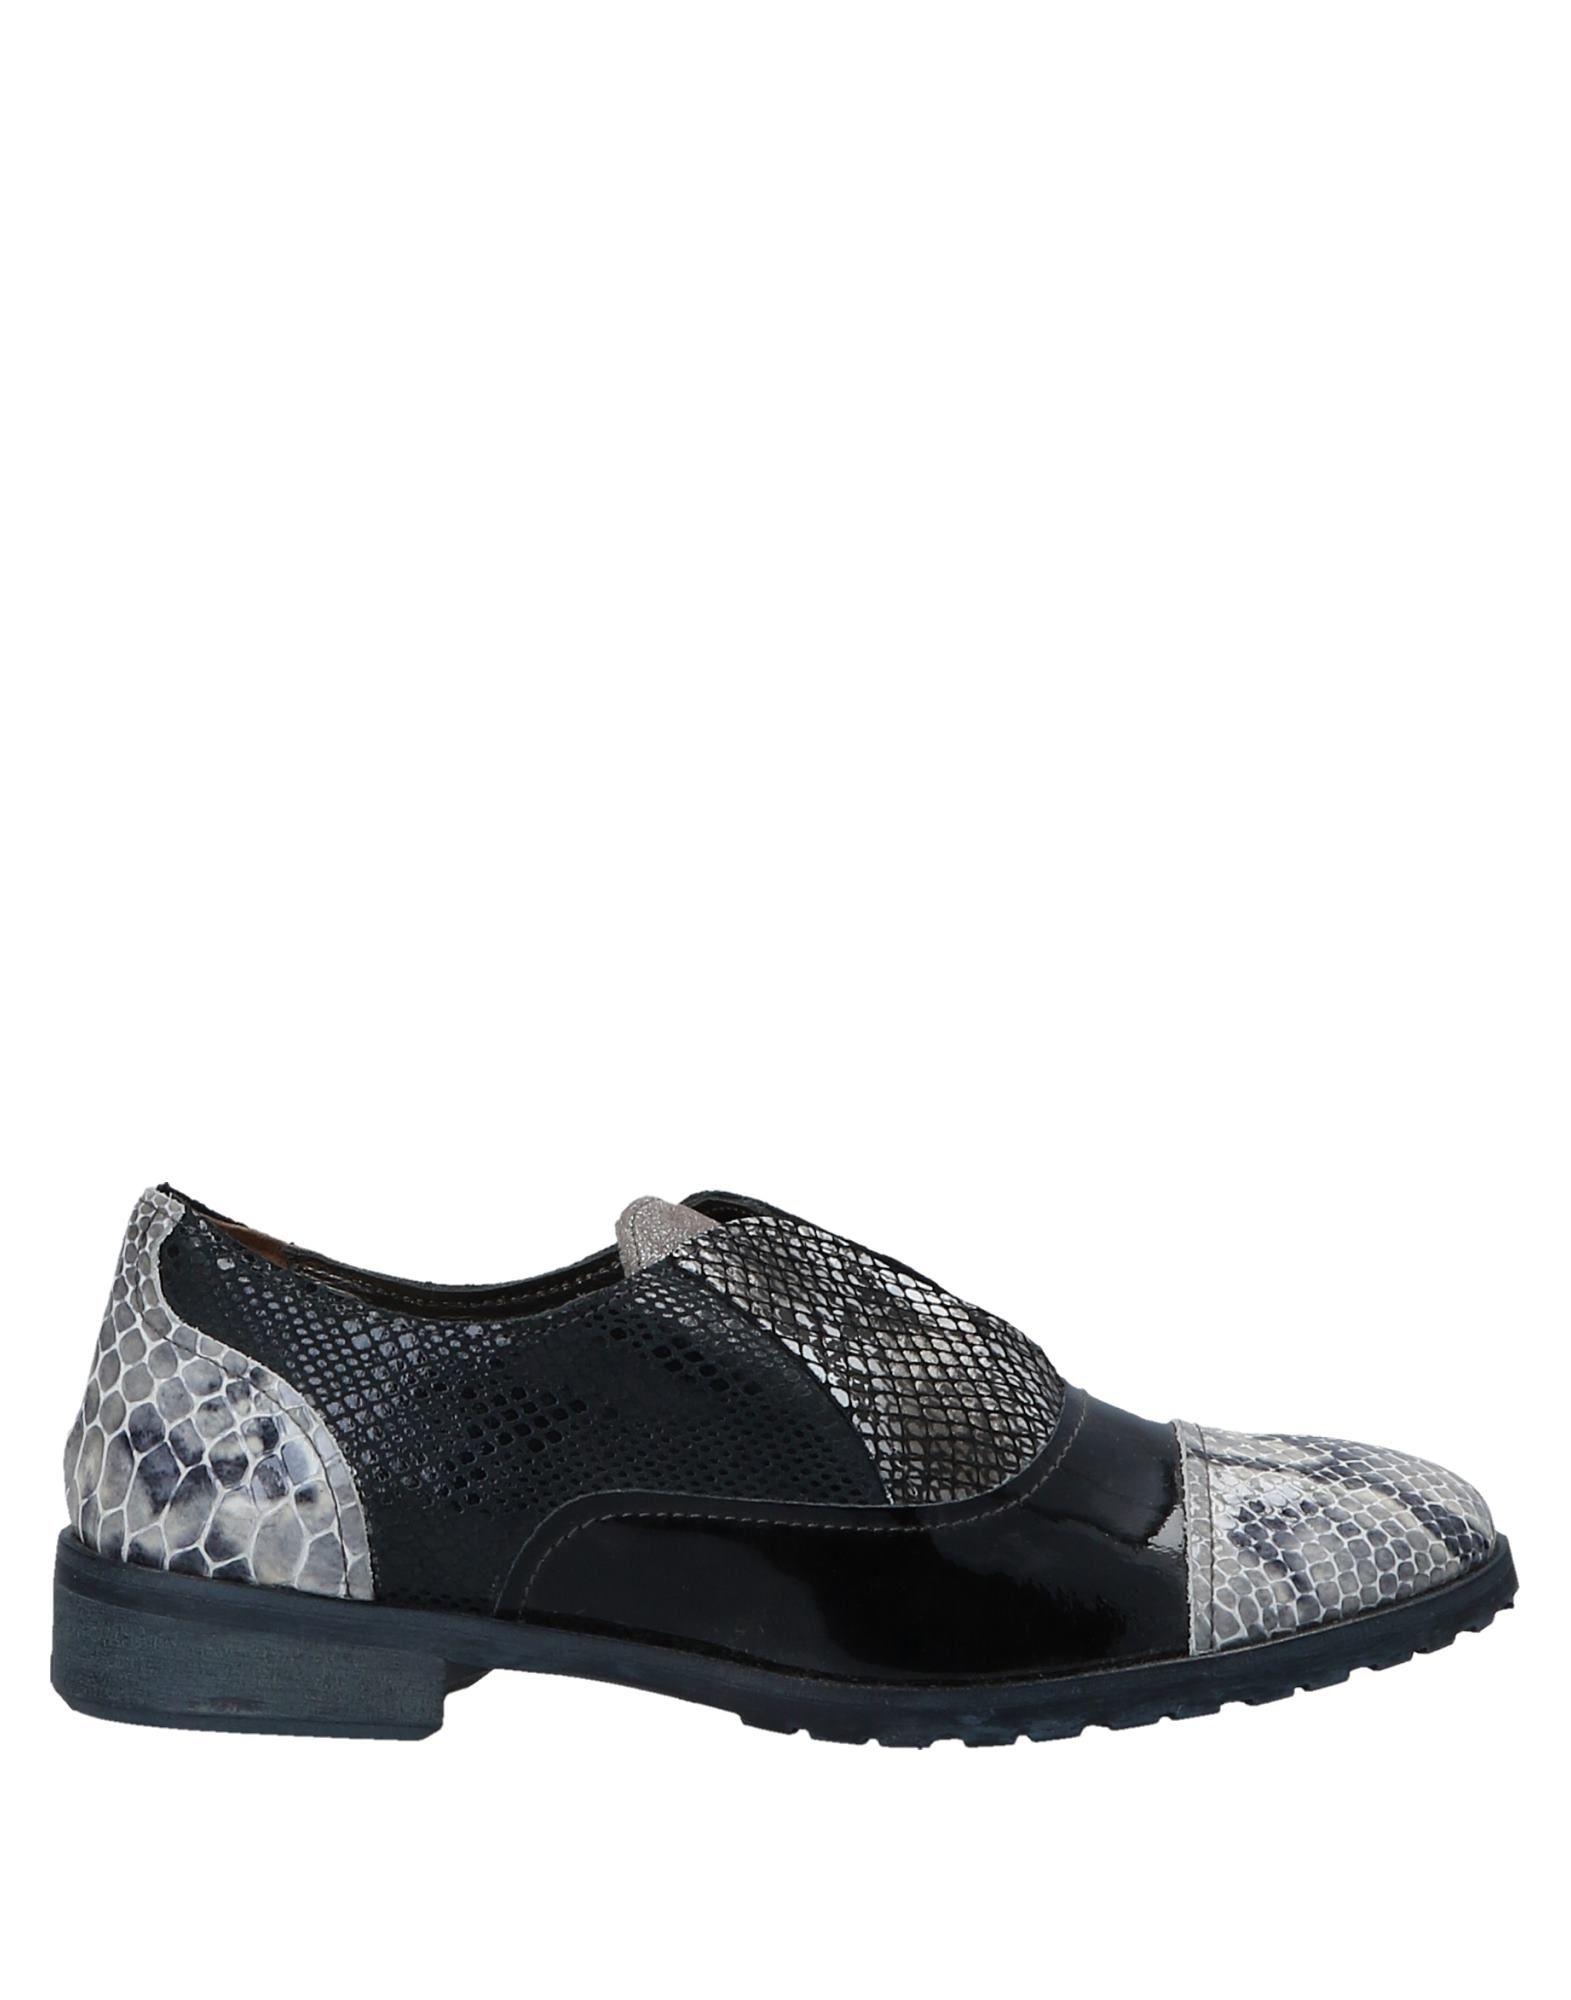 Ebarrito Mokassins Damen  11555203OG Gute Qualität beliebte Schuhe